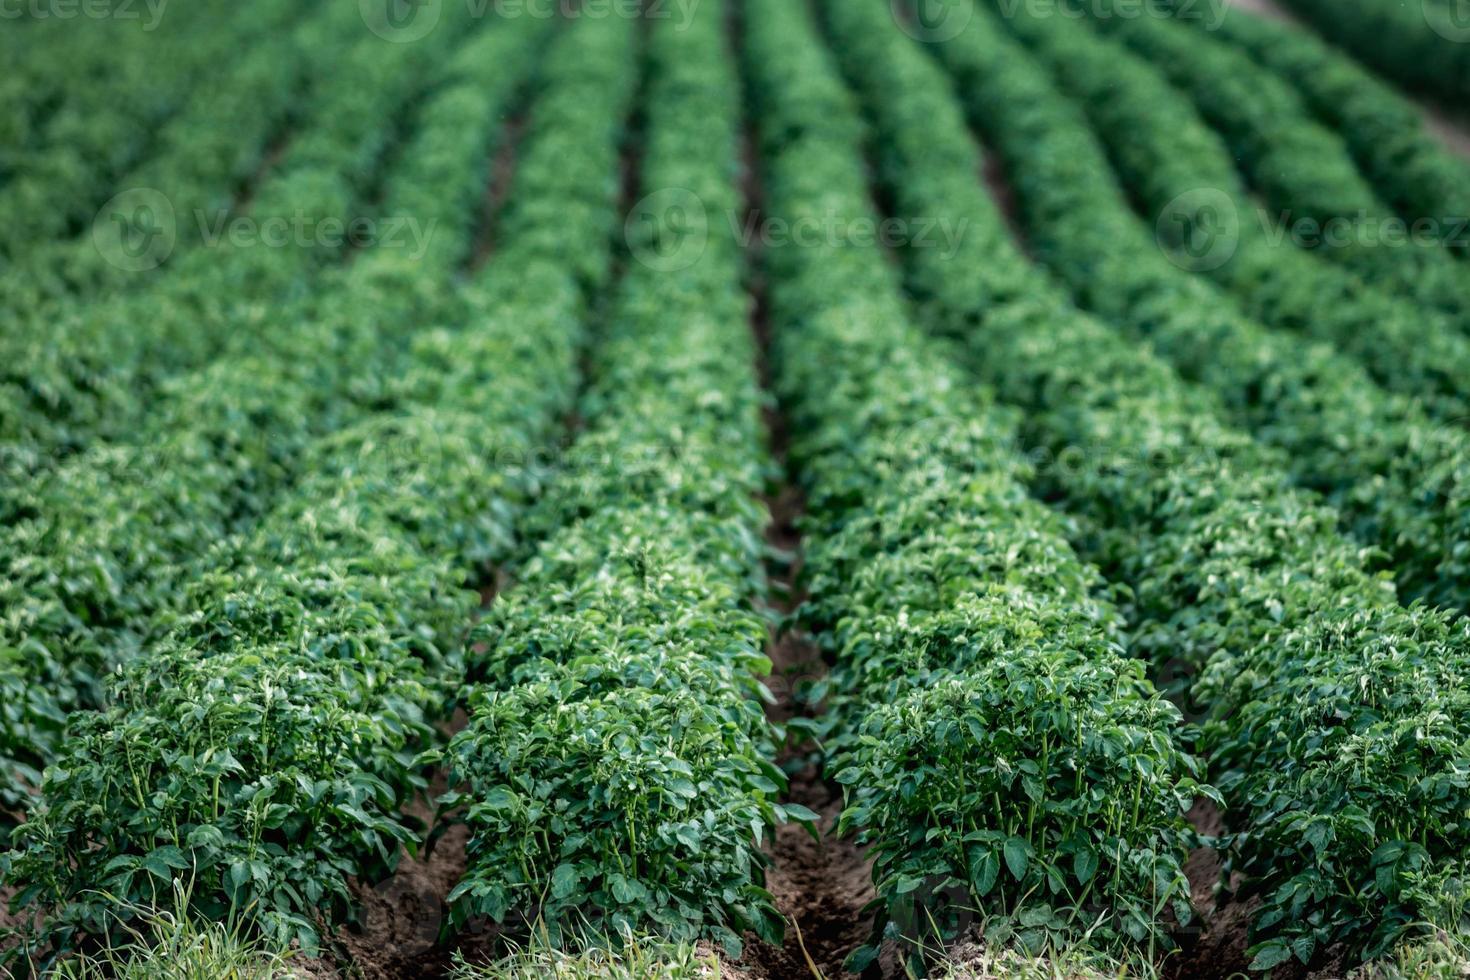 groot groen aardappelveld met planten in mooie rijen foto